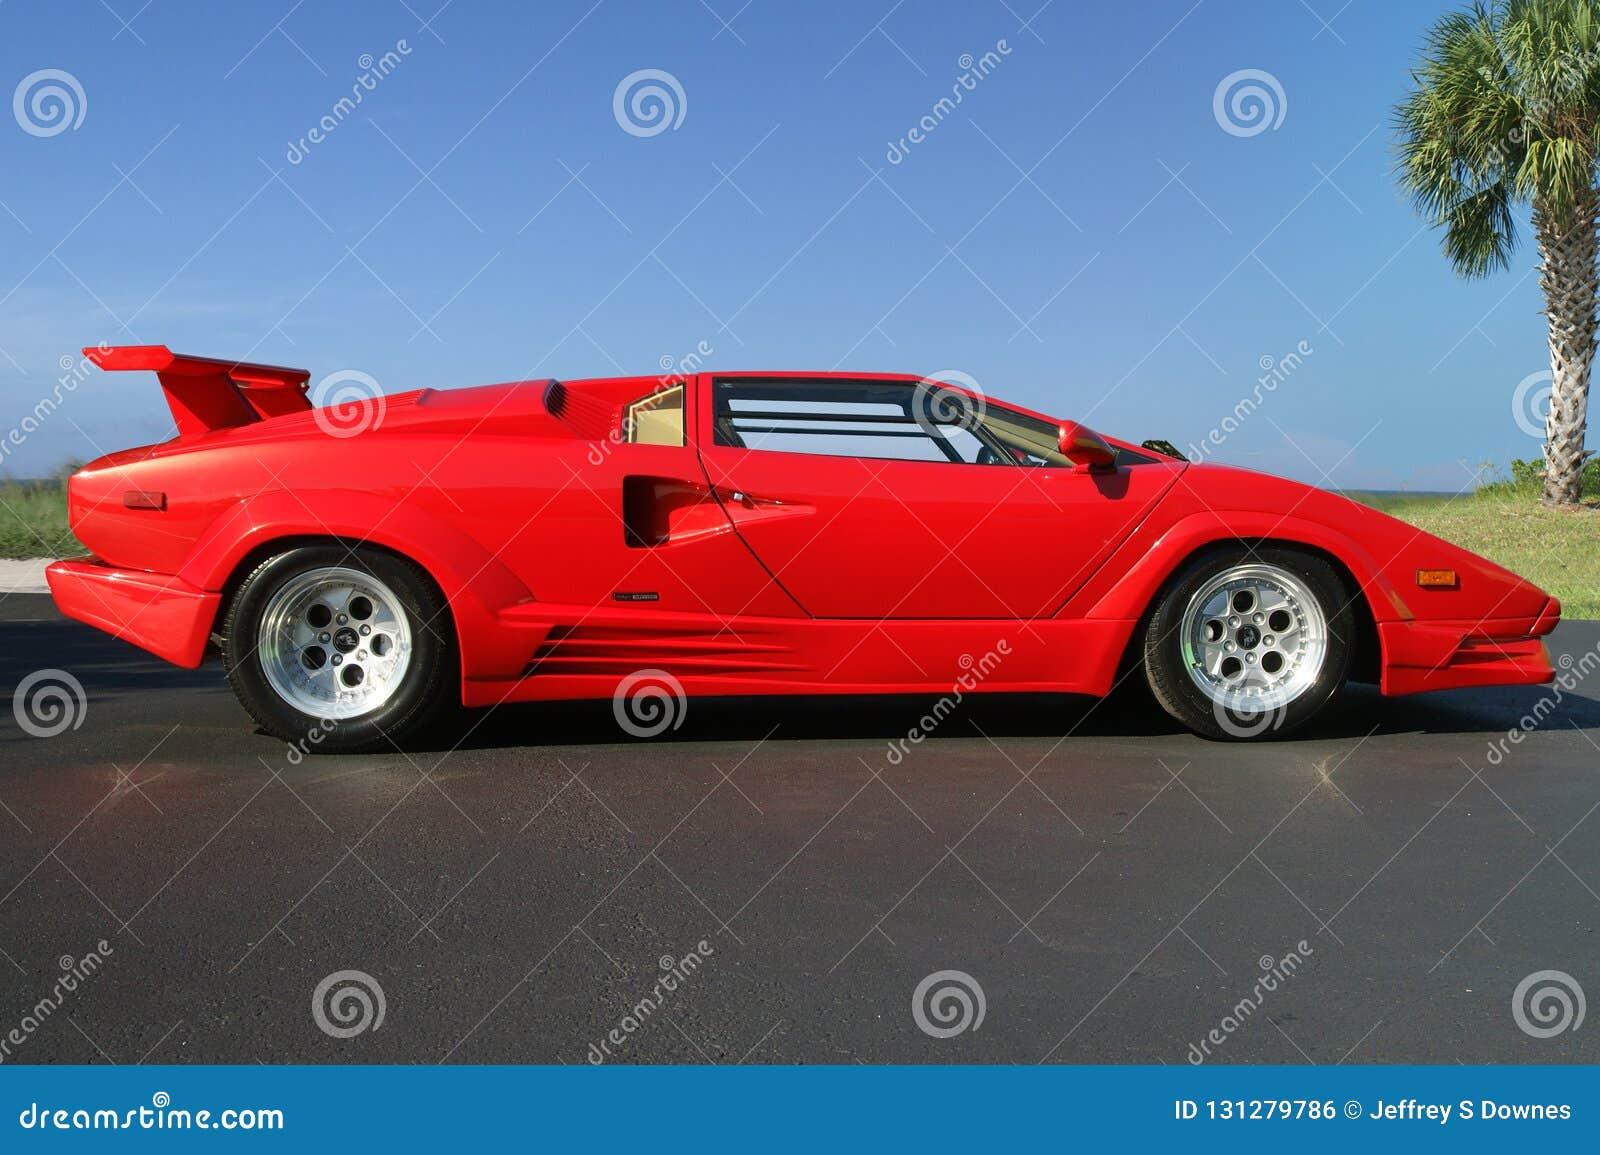 1989 Lamborghini Countach 25th Anniversary Side View Editorial Photo